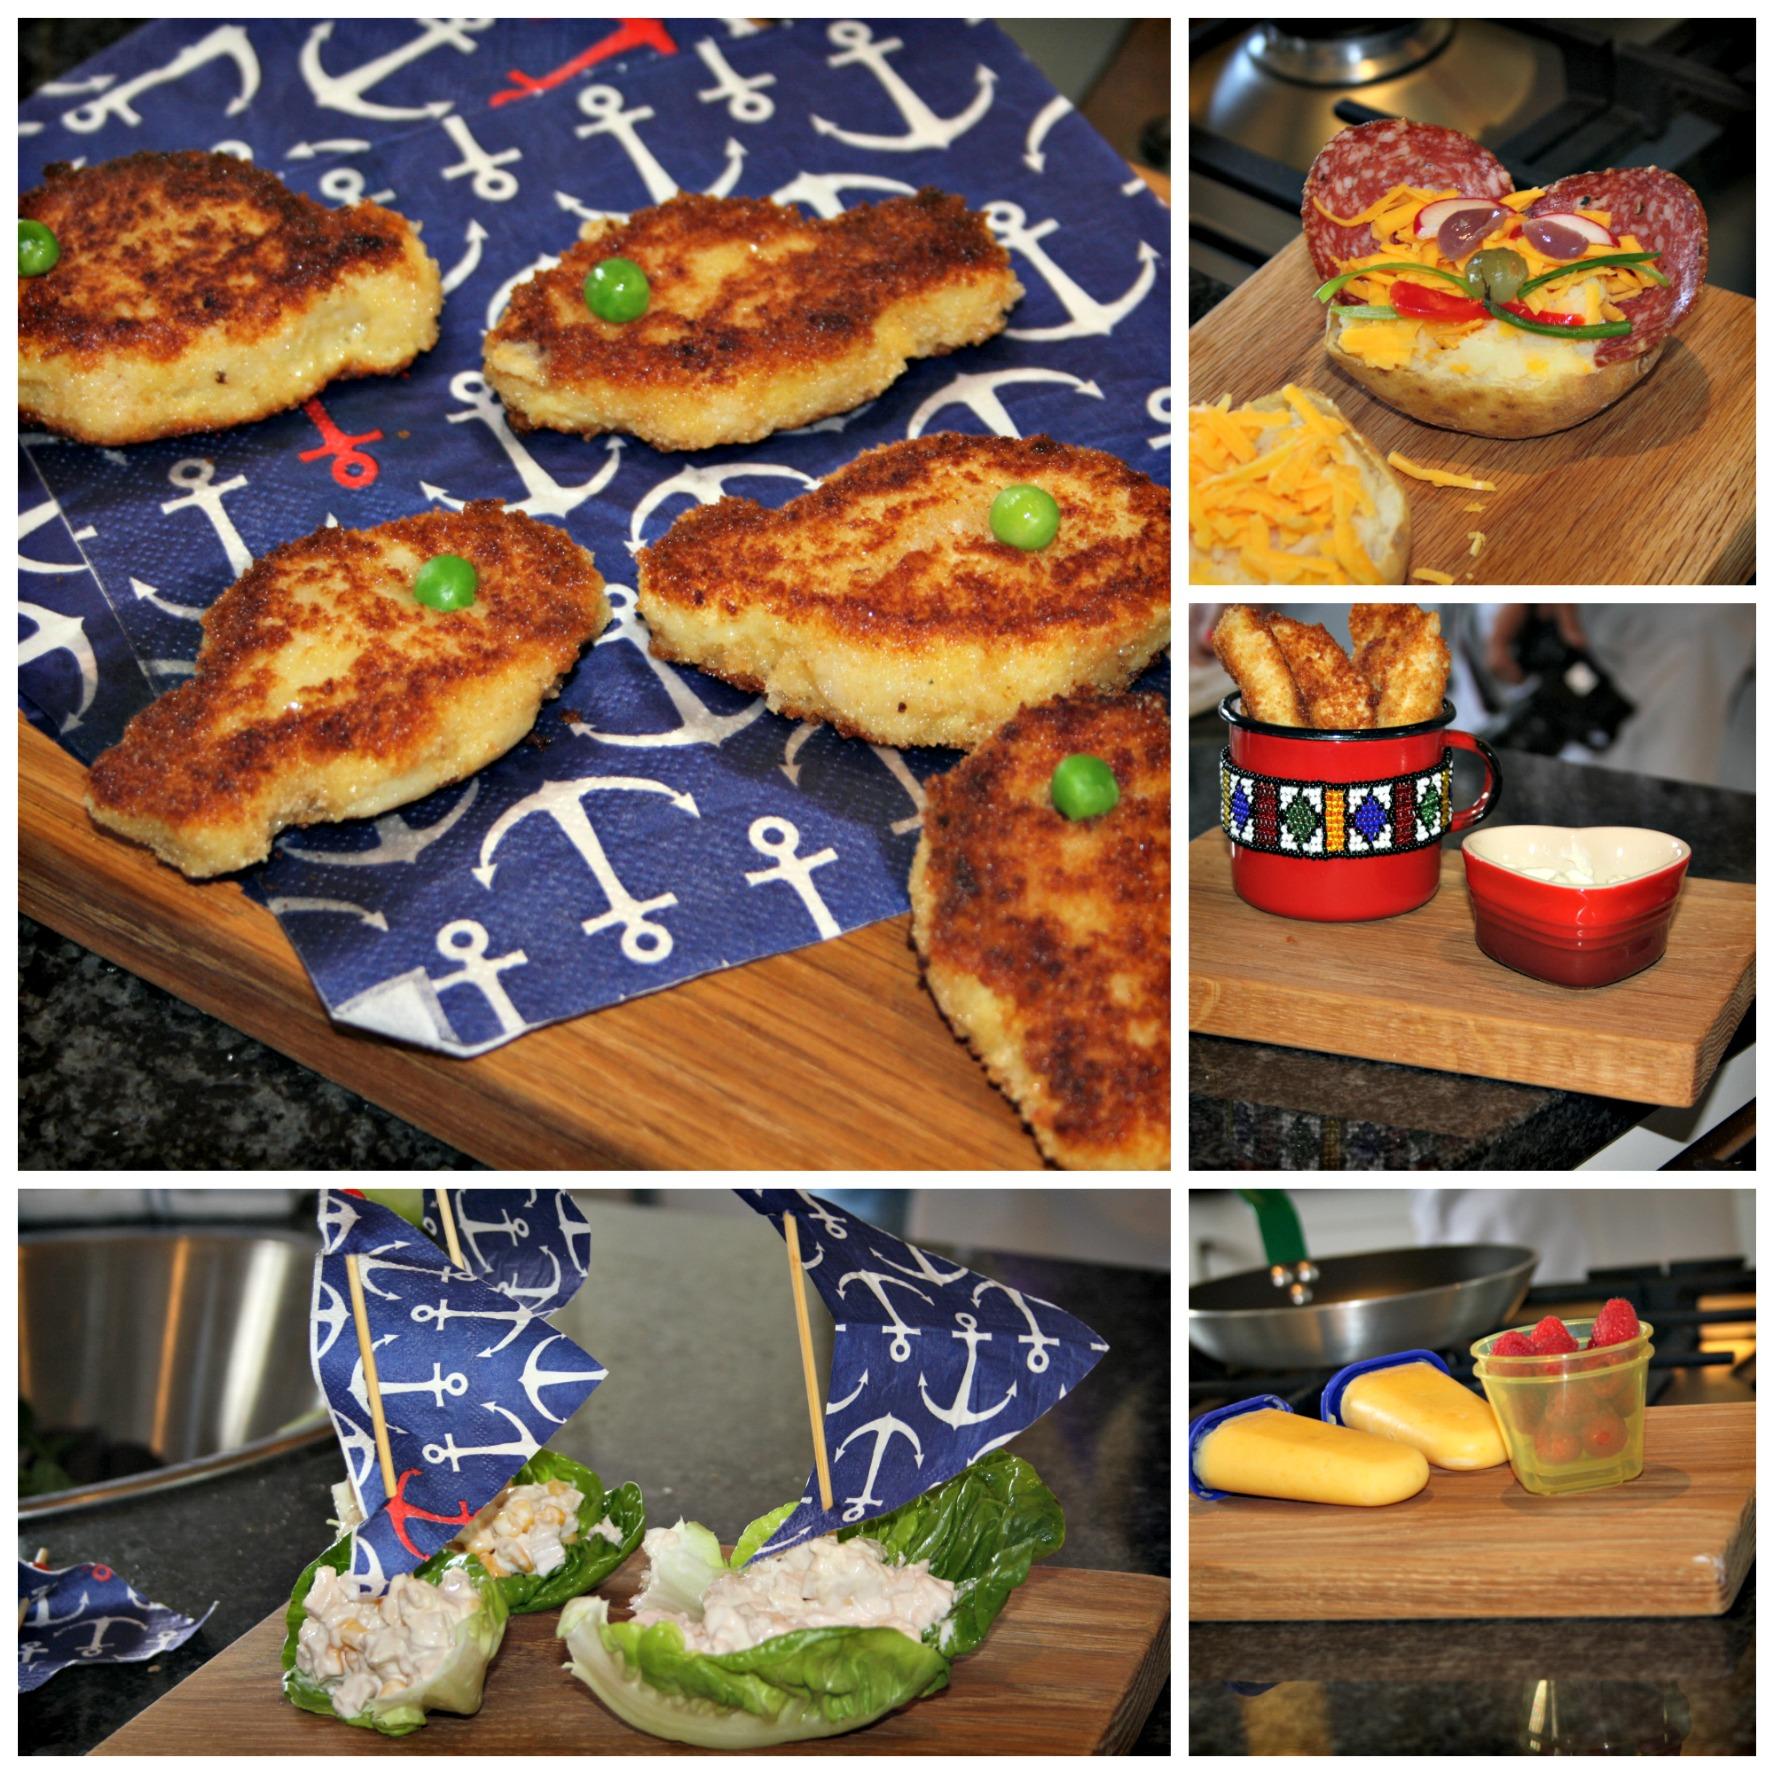 #momblogmeet Olivebranch food for kids